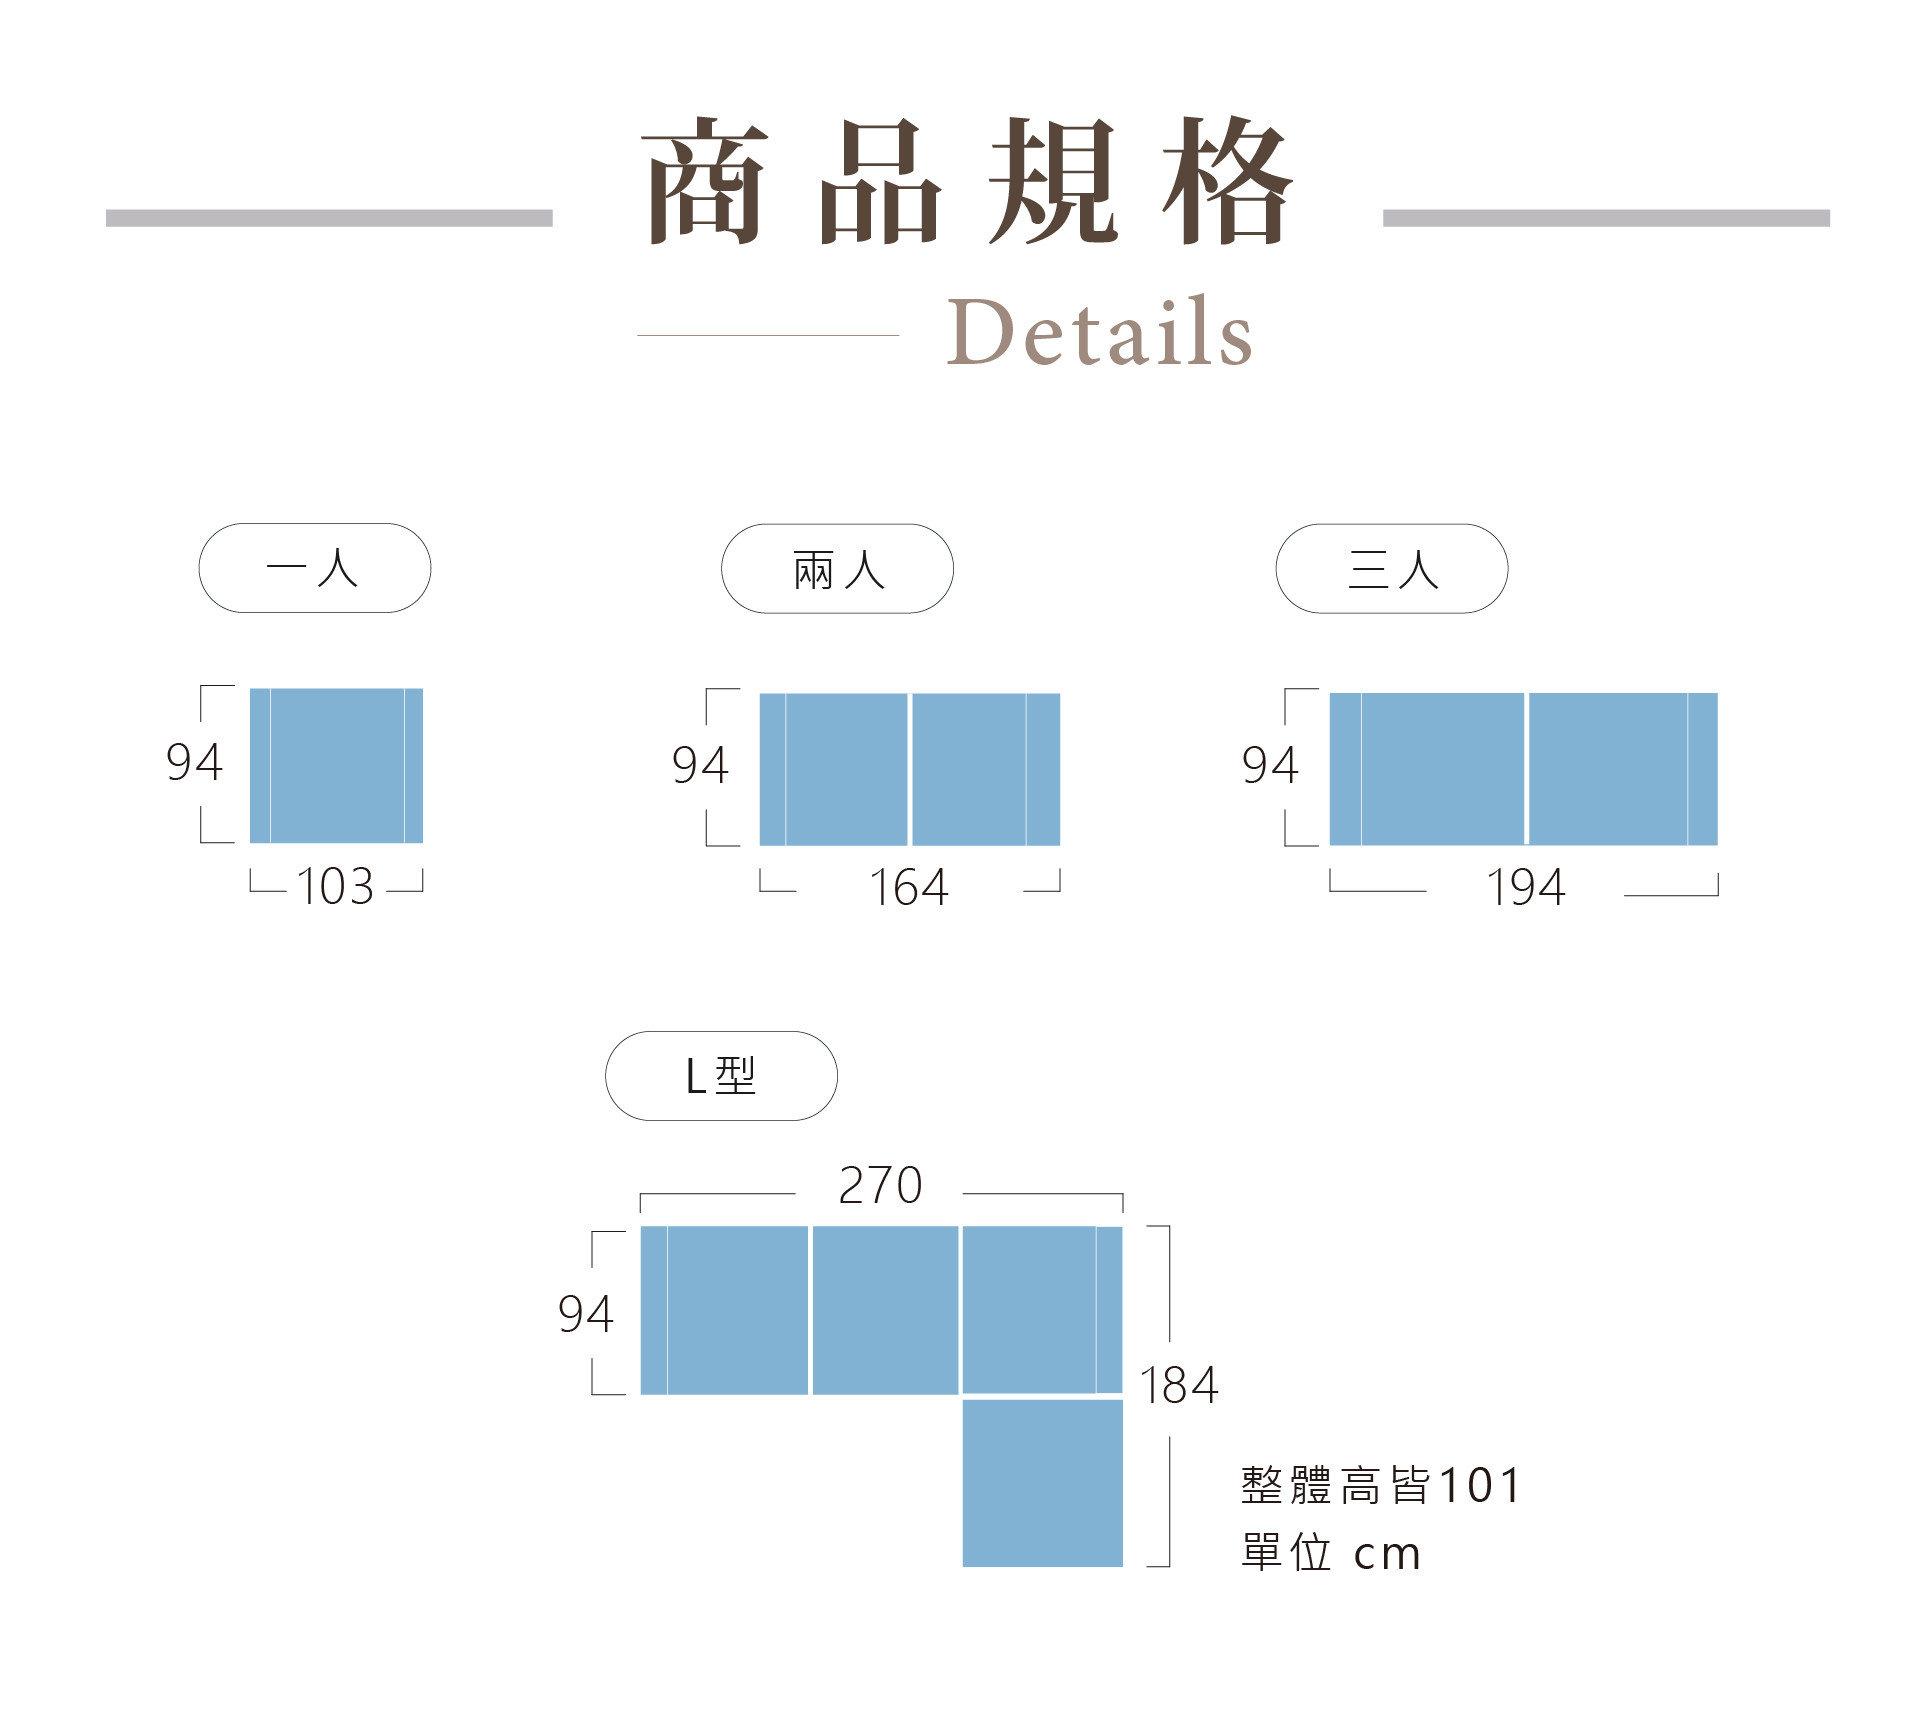 席琳沙發商品尺寸規格表